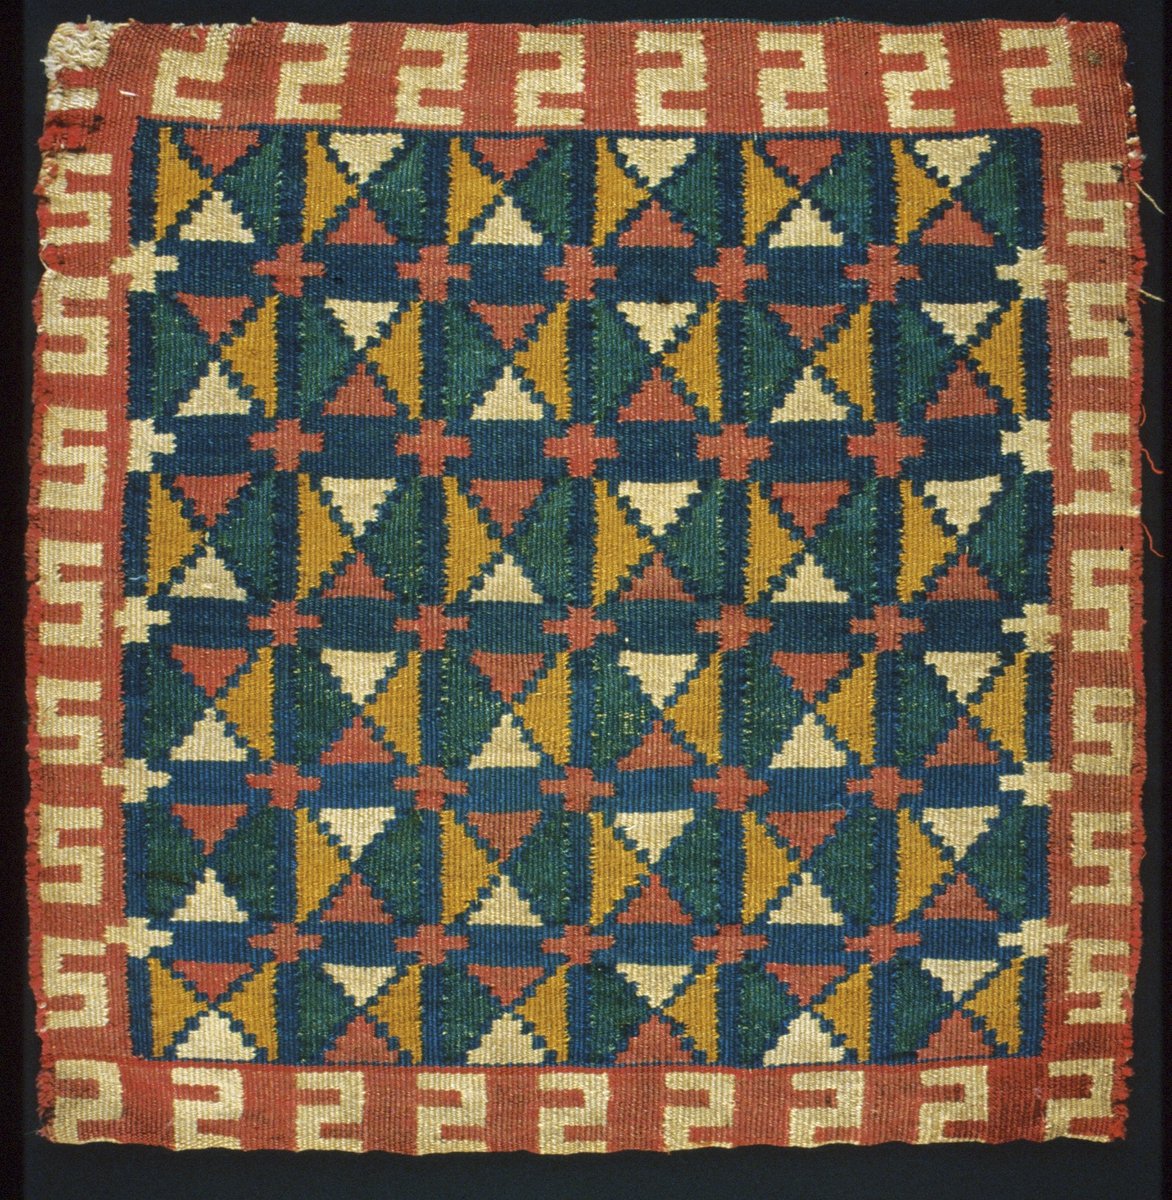 """Dyna/jynne vävd i rölakan. Ytmönster av kvadrater uppbyggda av fyra trianglar i grönt, blårött/rosa, gult och naturvitt på blå botten. Runt om löper en naturvit S-bård på blåröd/rosa botten.  Varp i 2-trådigt s-spunnet lingarn, 5 trådar/cm. Inslag i 1-trådigt s-spunnet ullgarn, dubbelspolat. Bakstycke i randigt ylletyg vävt i tuskaft, i grönt, lila, blått och brunt.Öppen i ena långsidan. Rester av dun inuti. Märkt med påsydd tyglapp med texten: """"Inköpt Landstinget  N° 3.  a""""."""